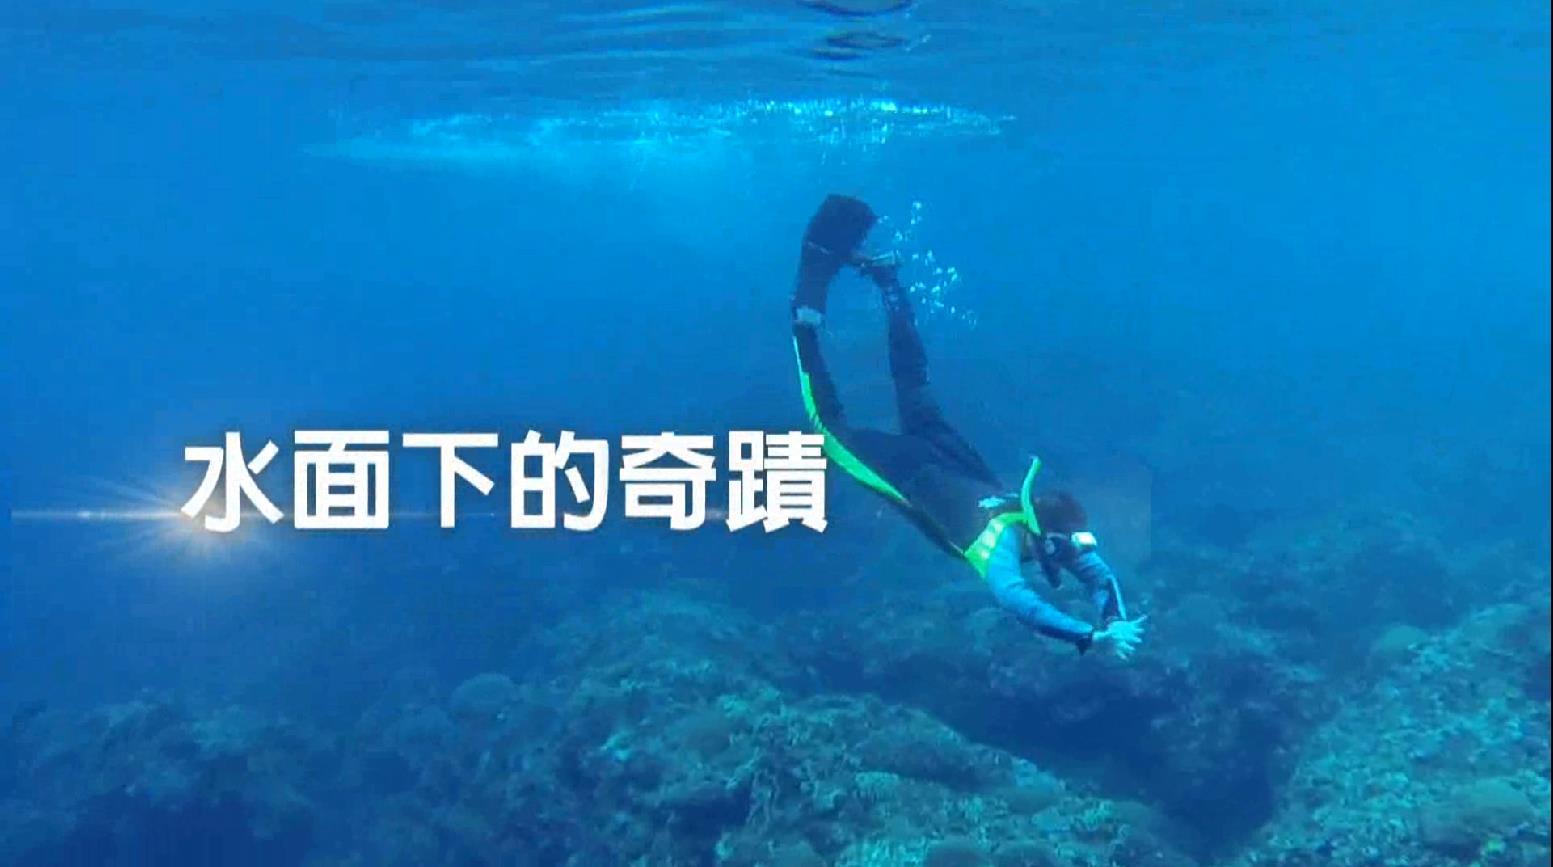 台灣中油股份有限公司永安液化天然氣廠珊瑚生態影片完整版